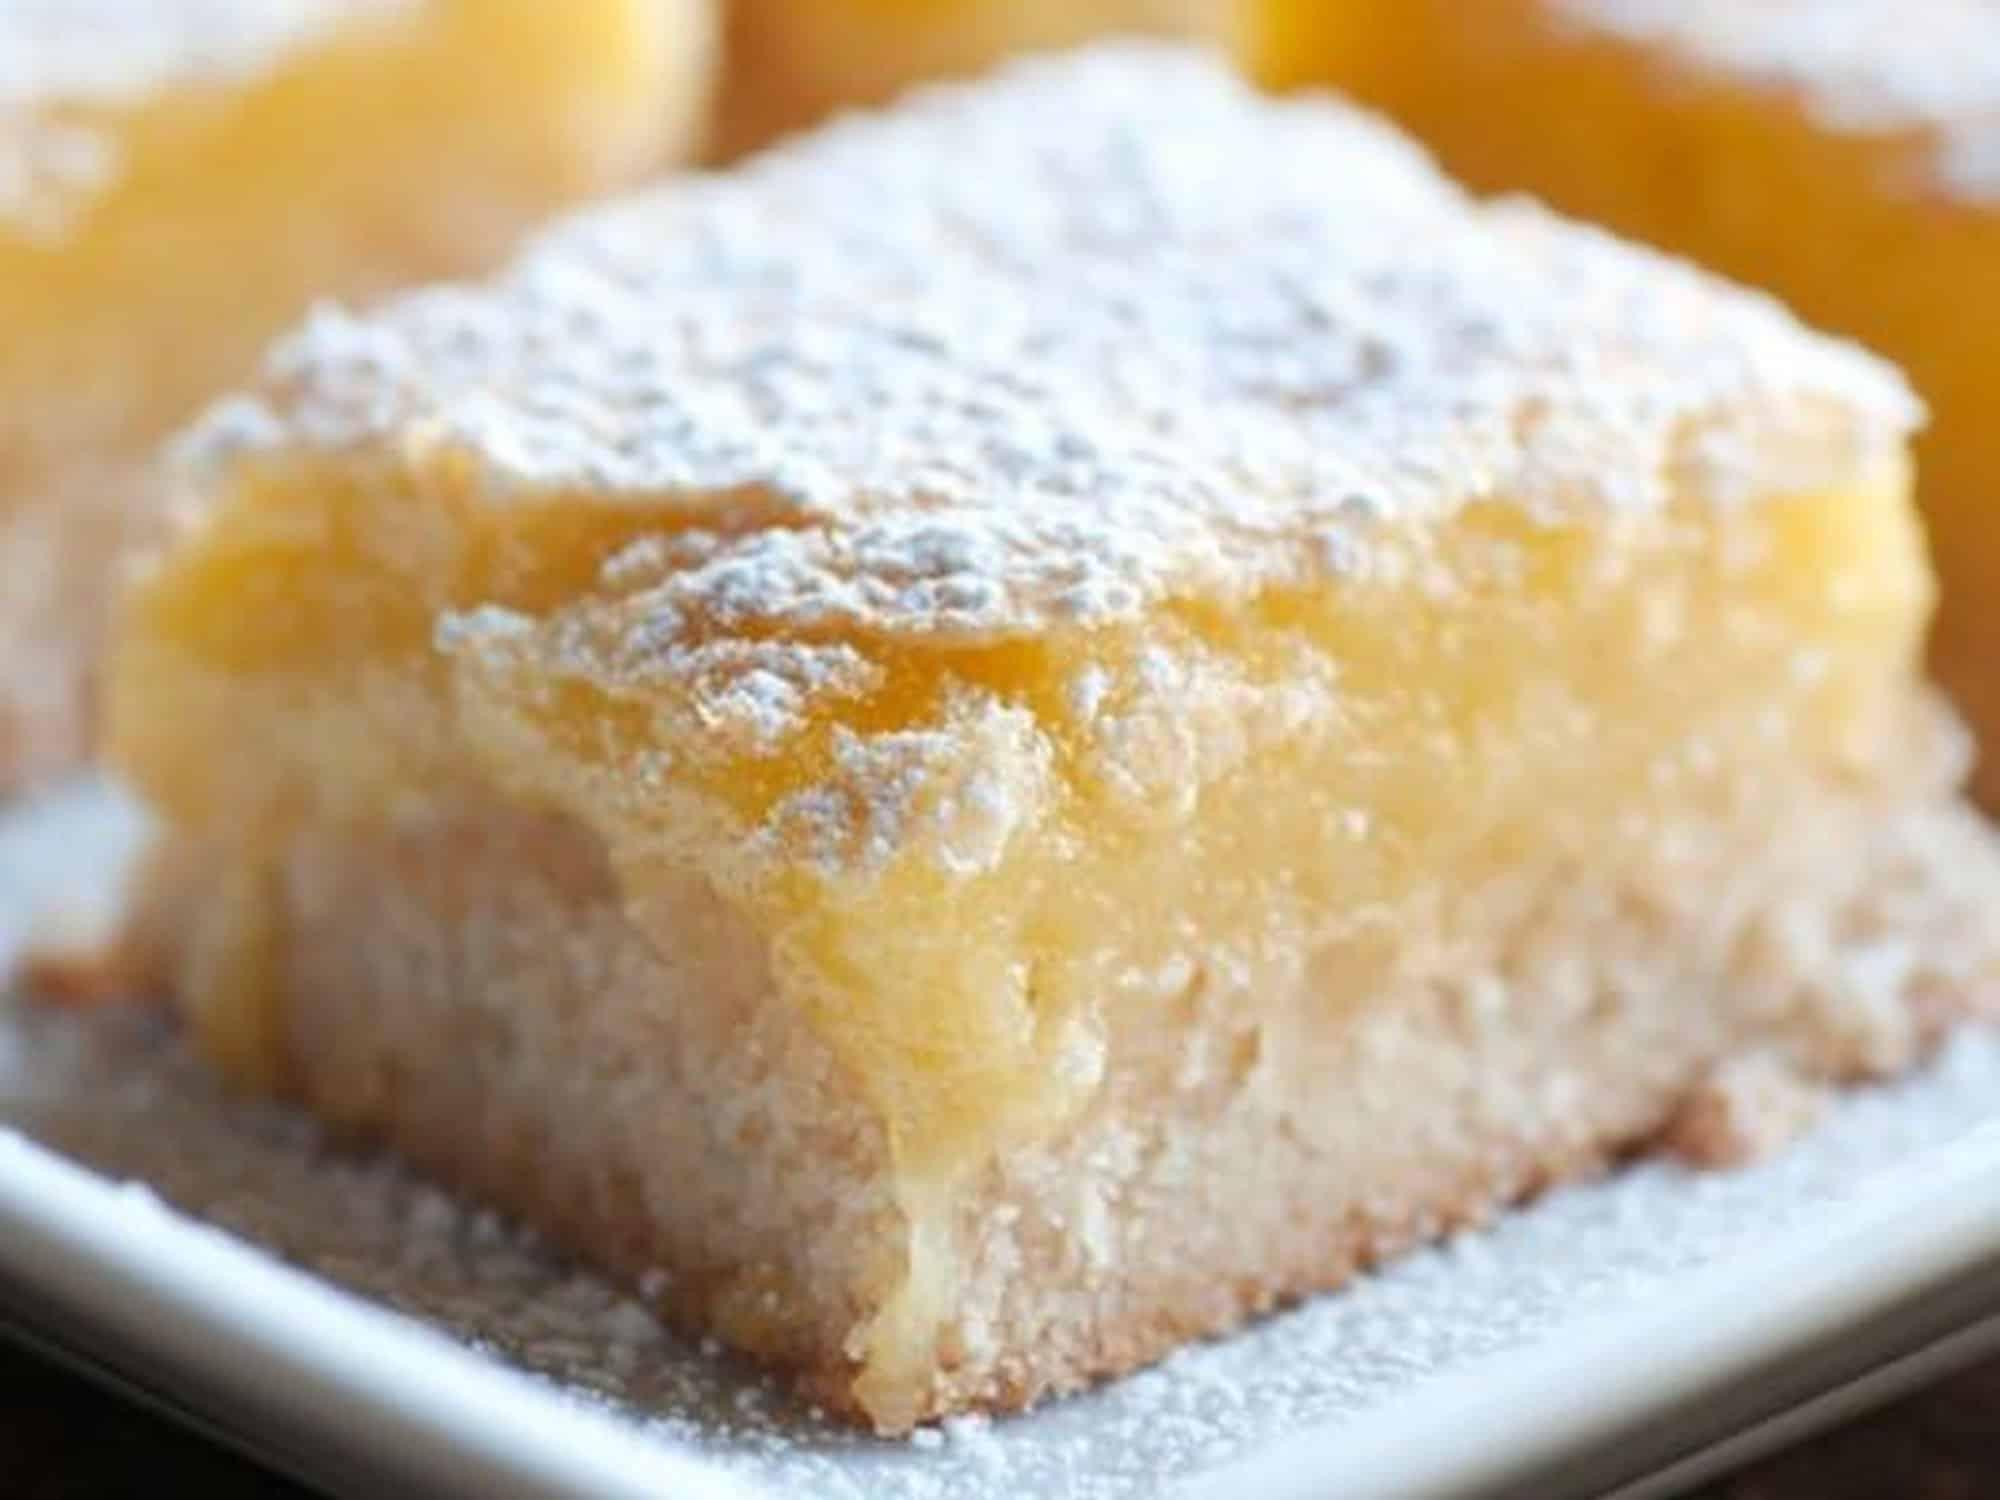 10 Light Summer Dessert Ideas That Wonu0027t Weigh You Down